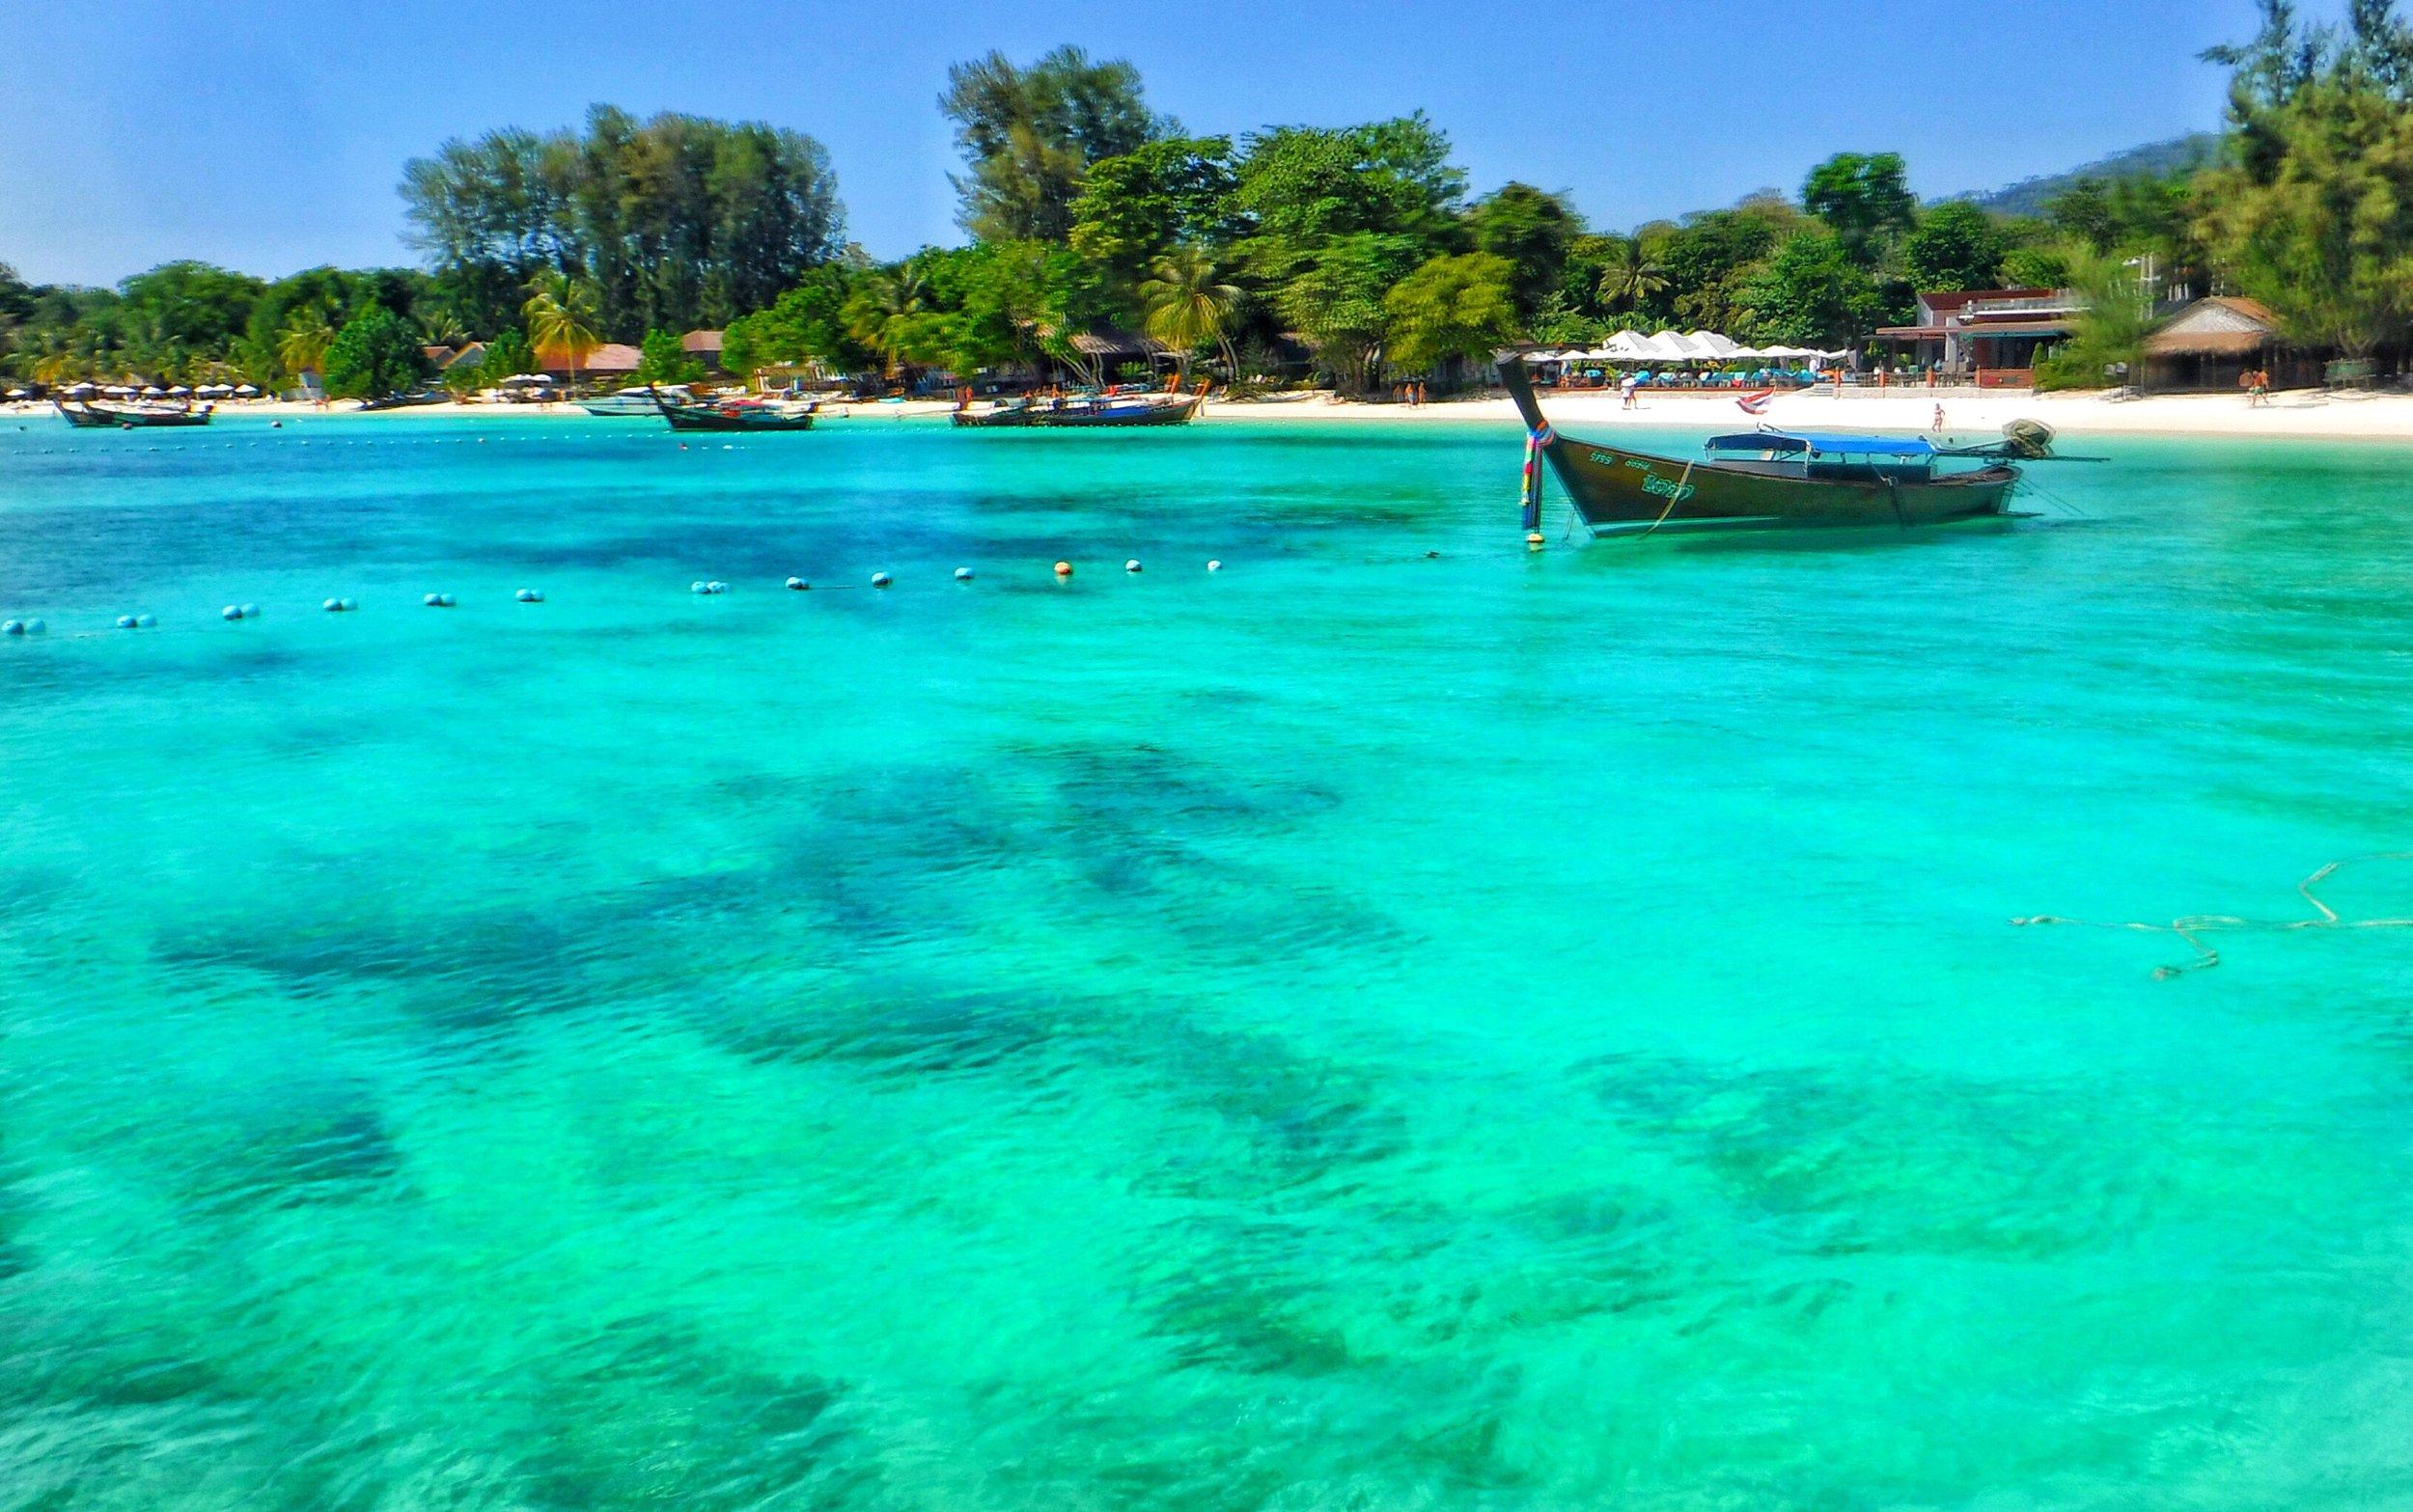 Pattaya Beach, Koh Lipe, Thailand. Thailand travel, the Thai Islands, Thai Vacations, Visit Koh Lipe Thailand, Beautiful beach destinations